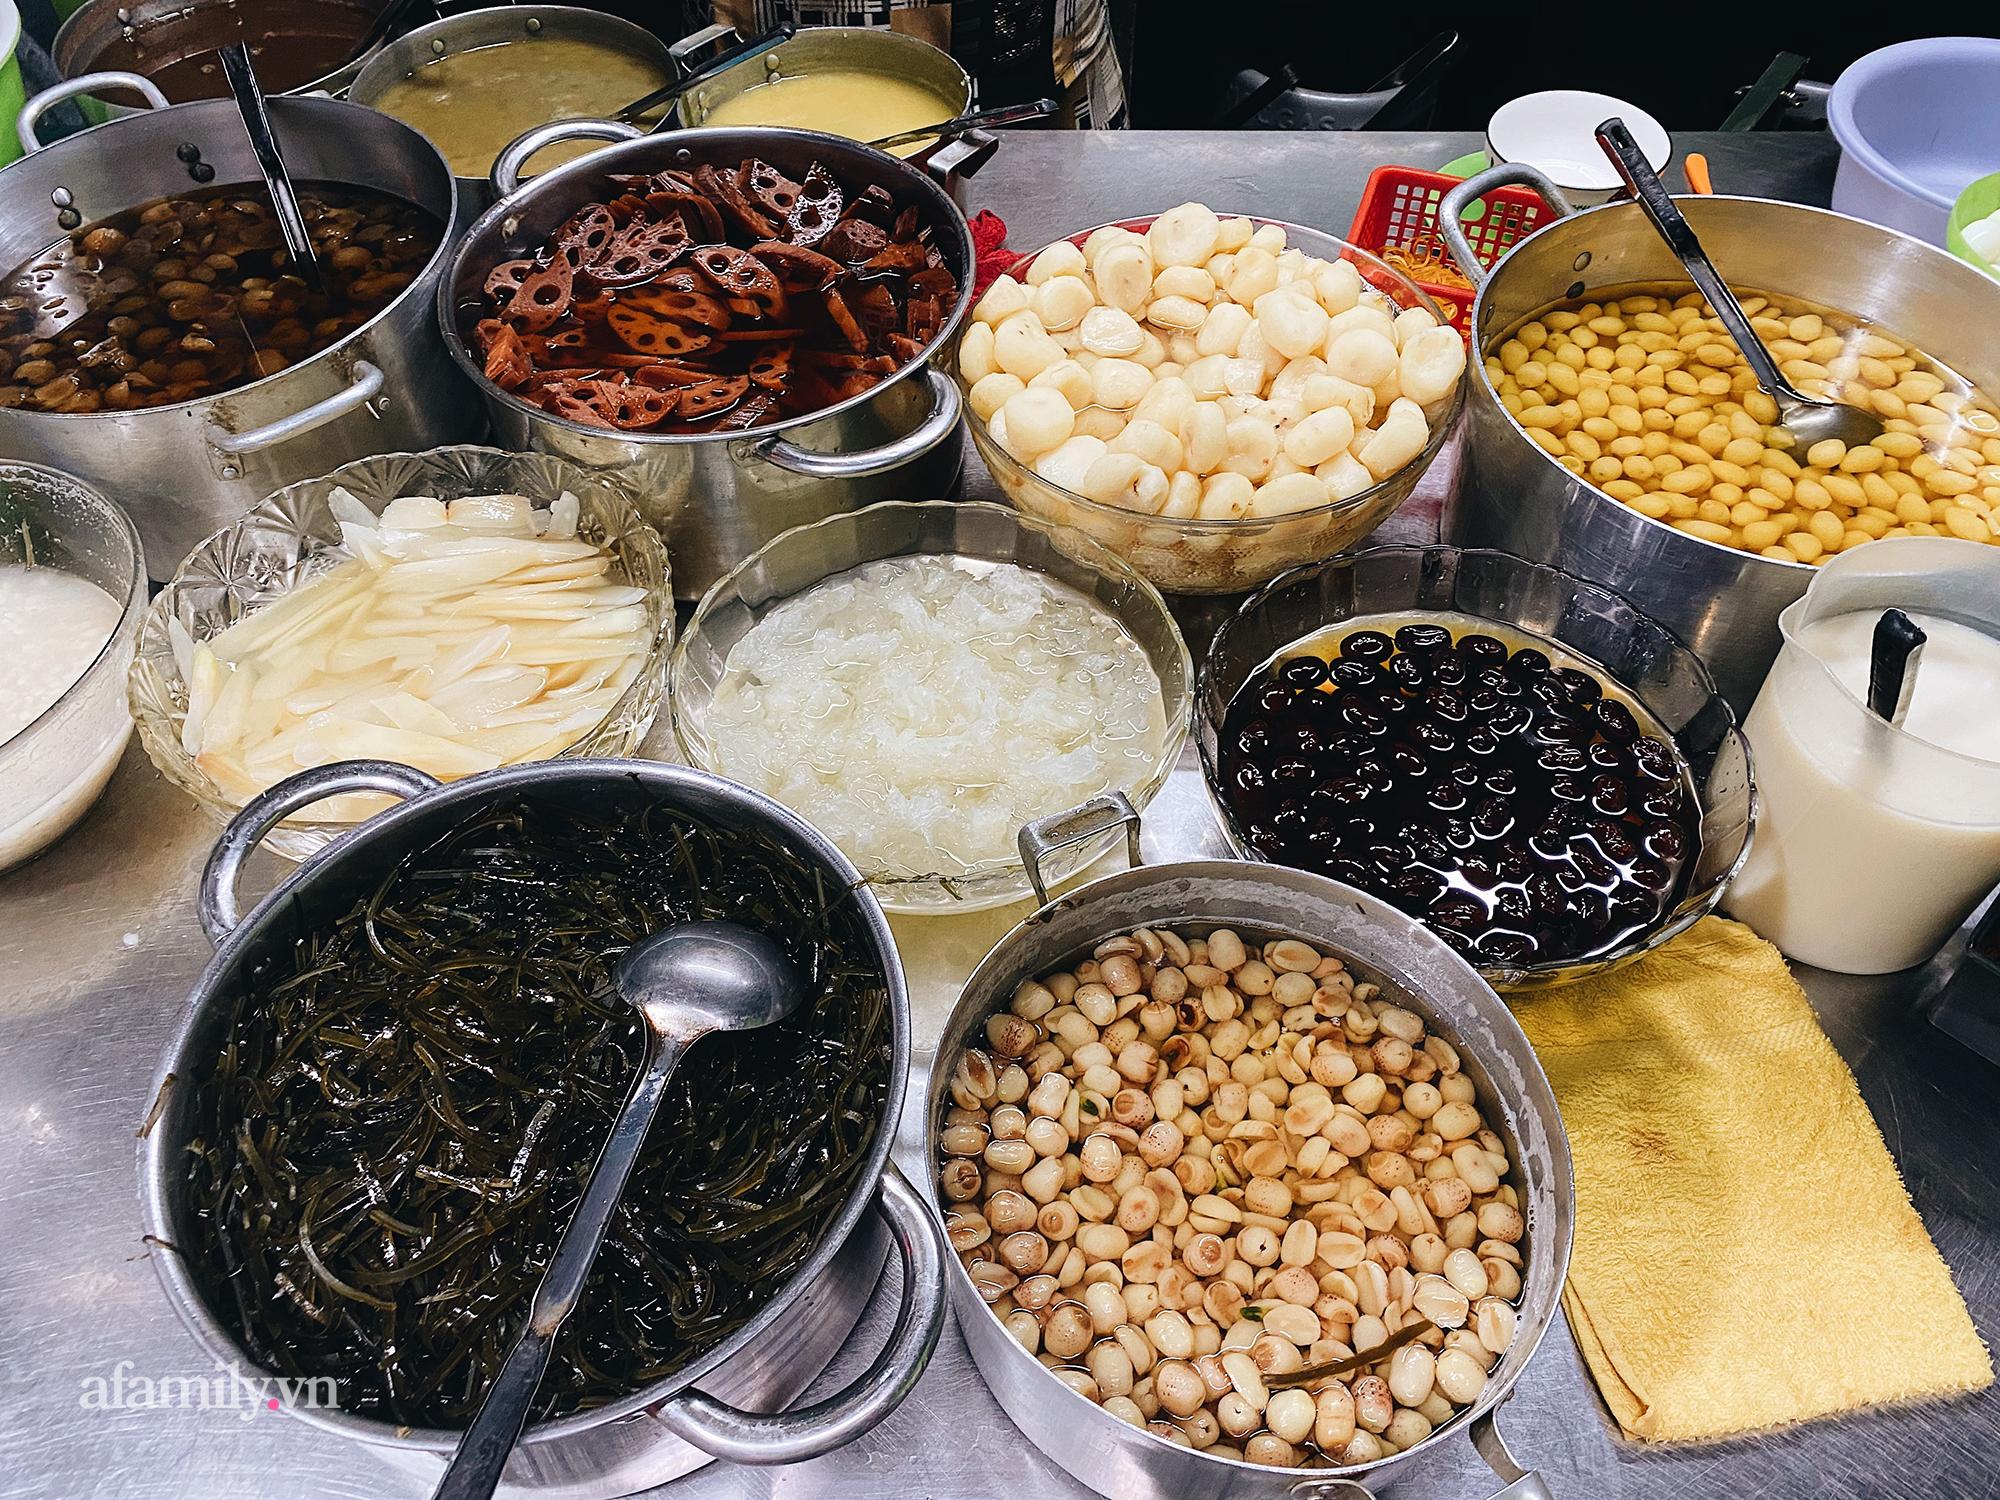 """Xuống quận 5 ghé quán """"chè âm phủ"""" ăn món chè trộn trứng gà sống và loạt món nhìn qua tưởng đồ mặn nhưng lại ngọt, thơm nức tiếng trong ẩm thực người Hoa tại Sài Gòn - Ảnh 3."""